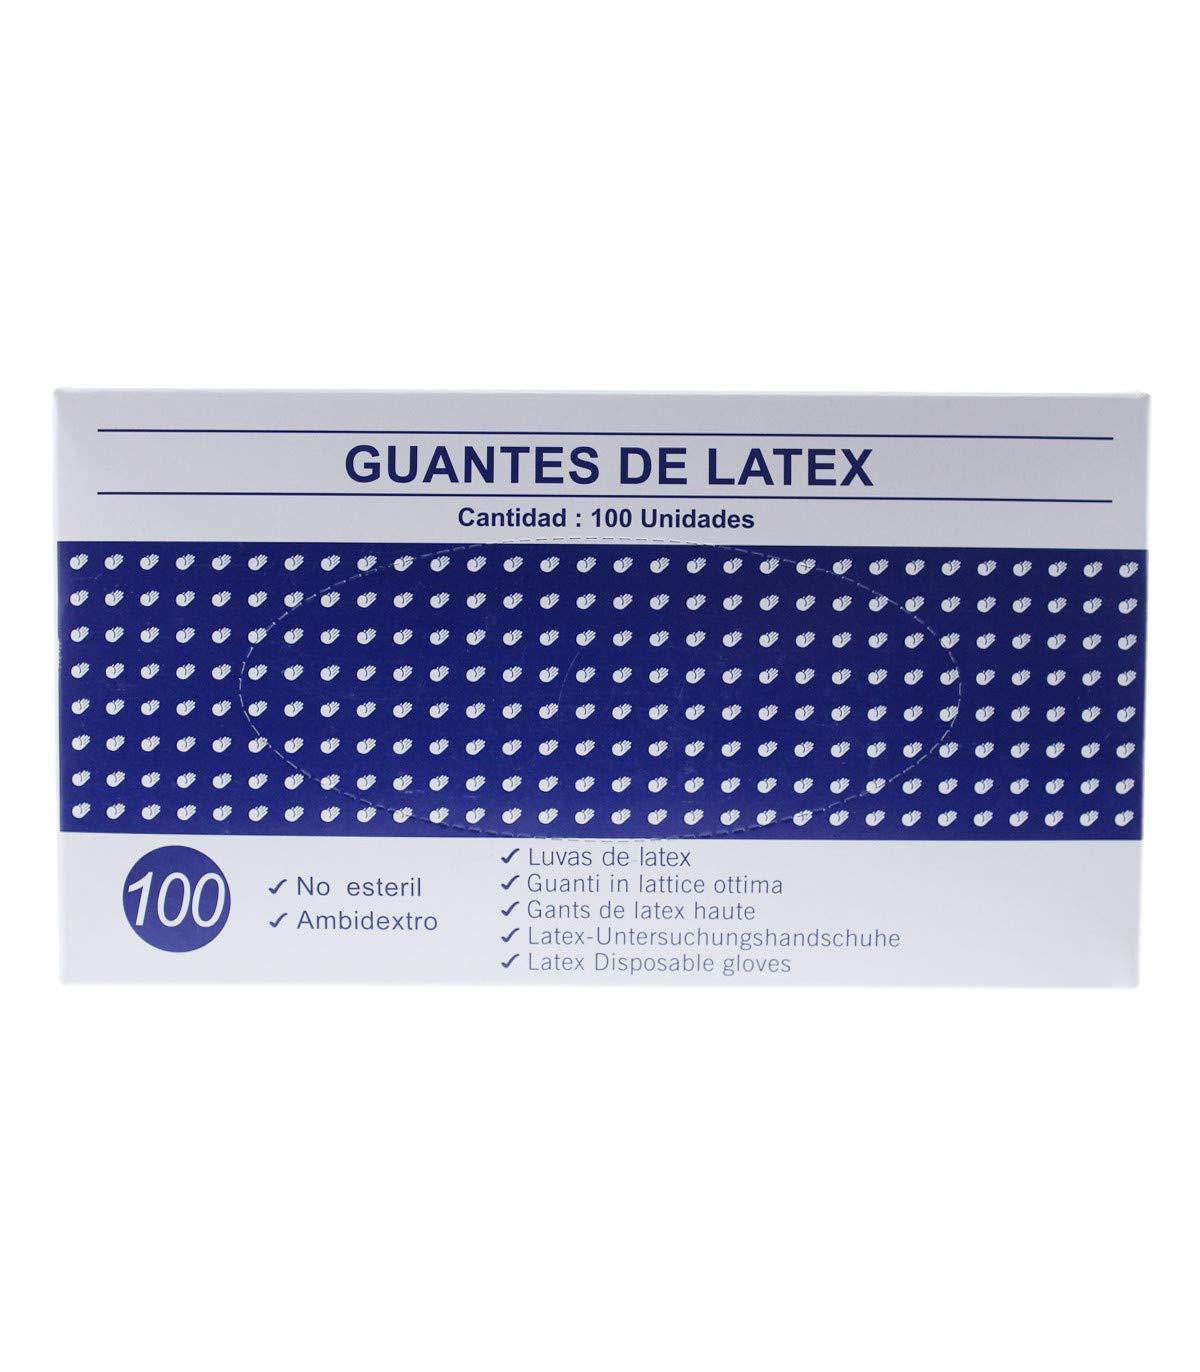 Guantes de latex caja de 100U Grande